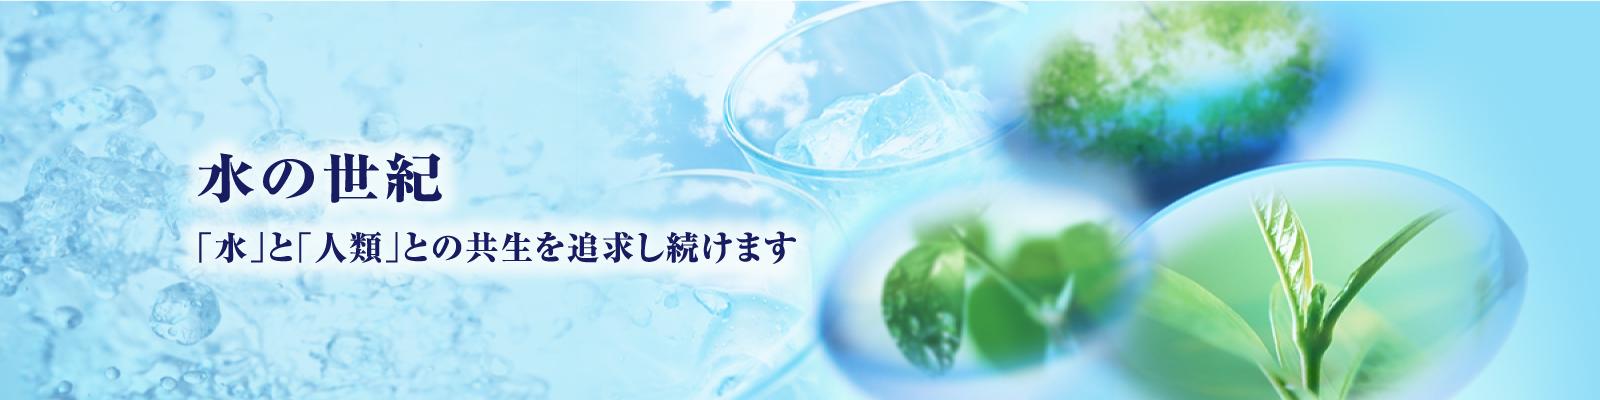 水の世紀 水道新聞社